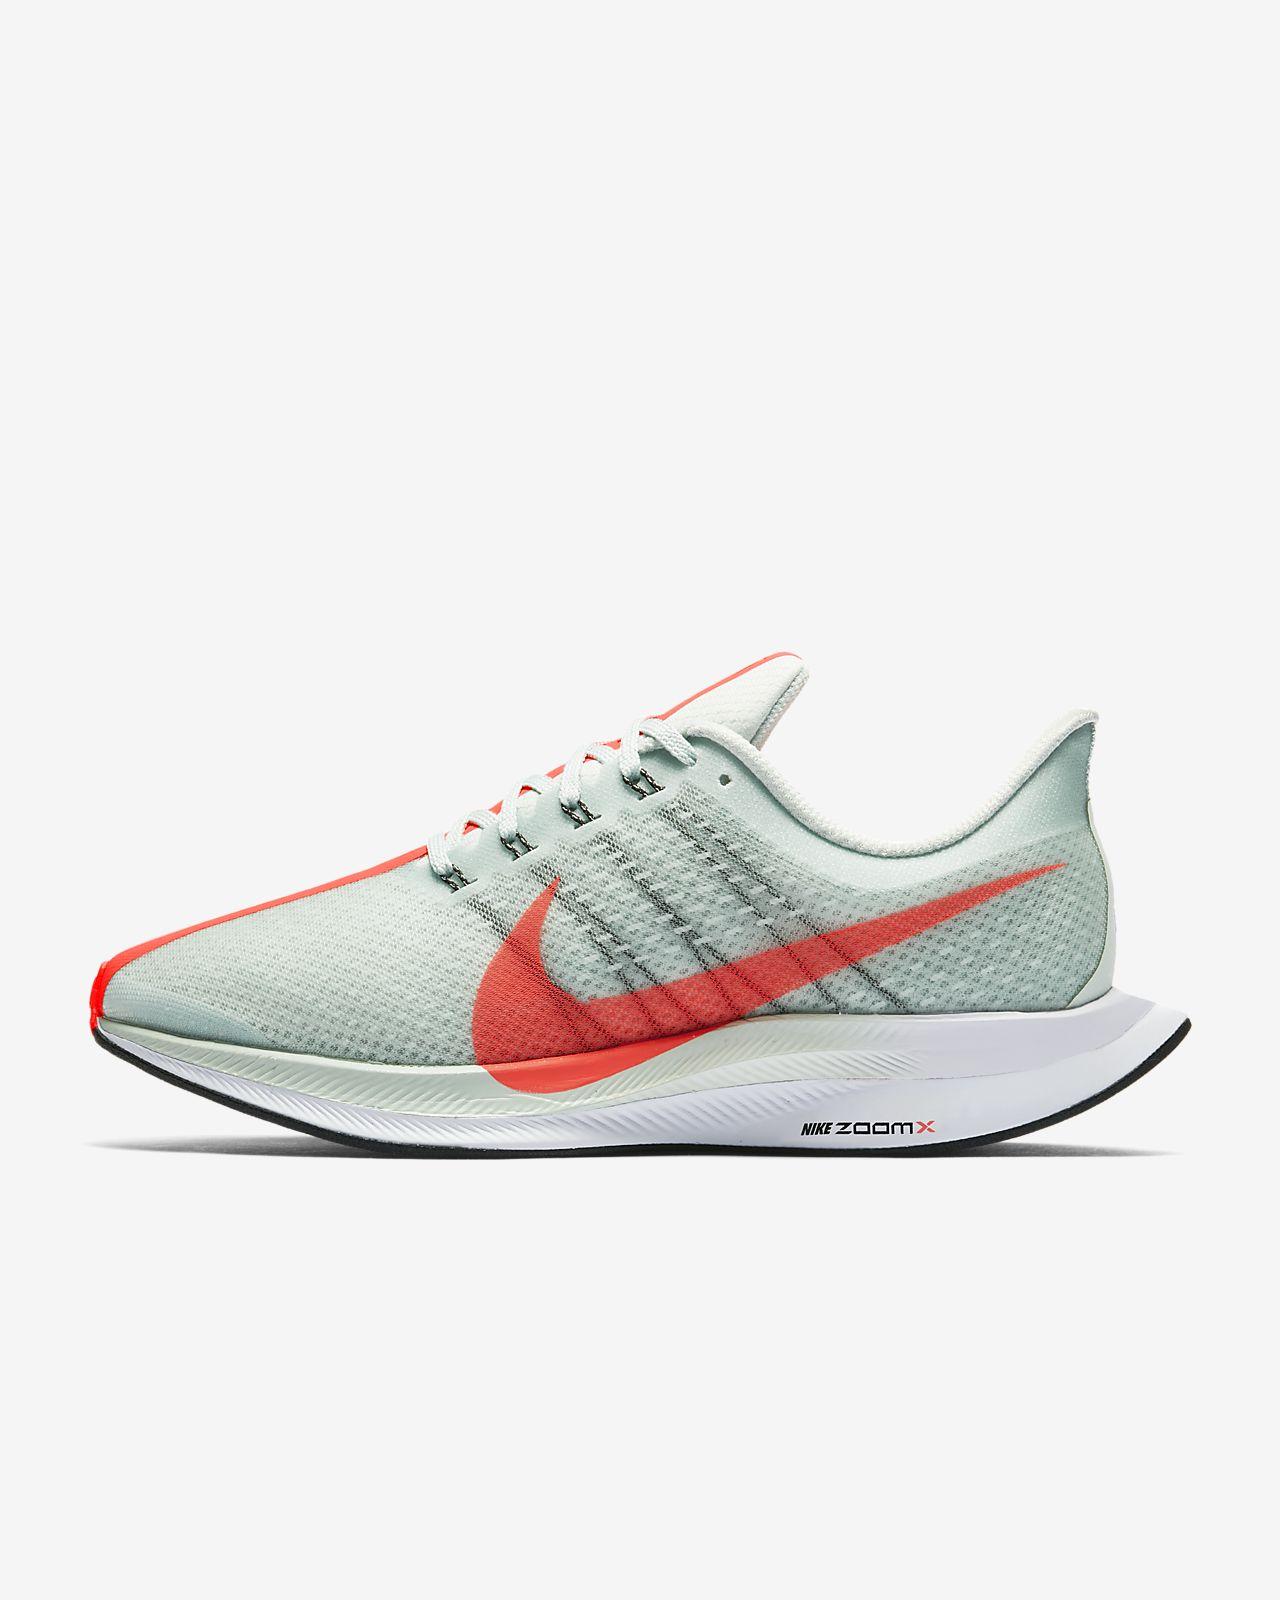 รองเท้าวิ่งผู้หญิง Nike Zoom Pegasus Turbo